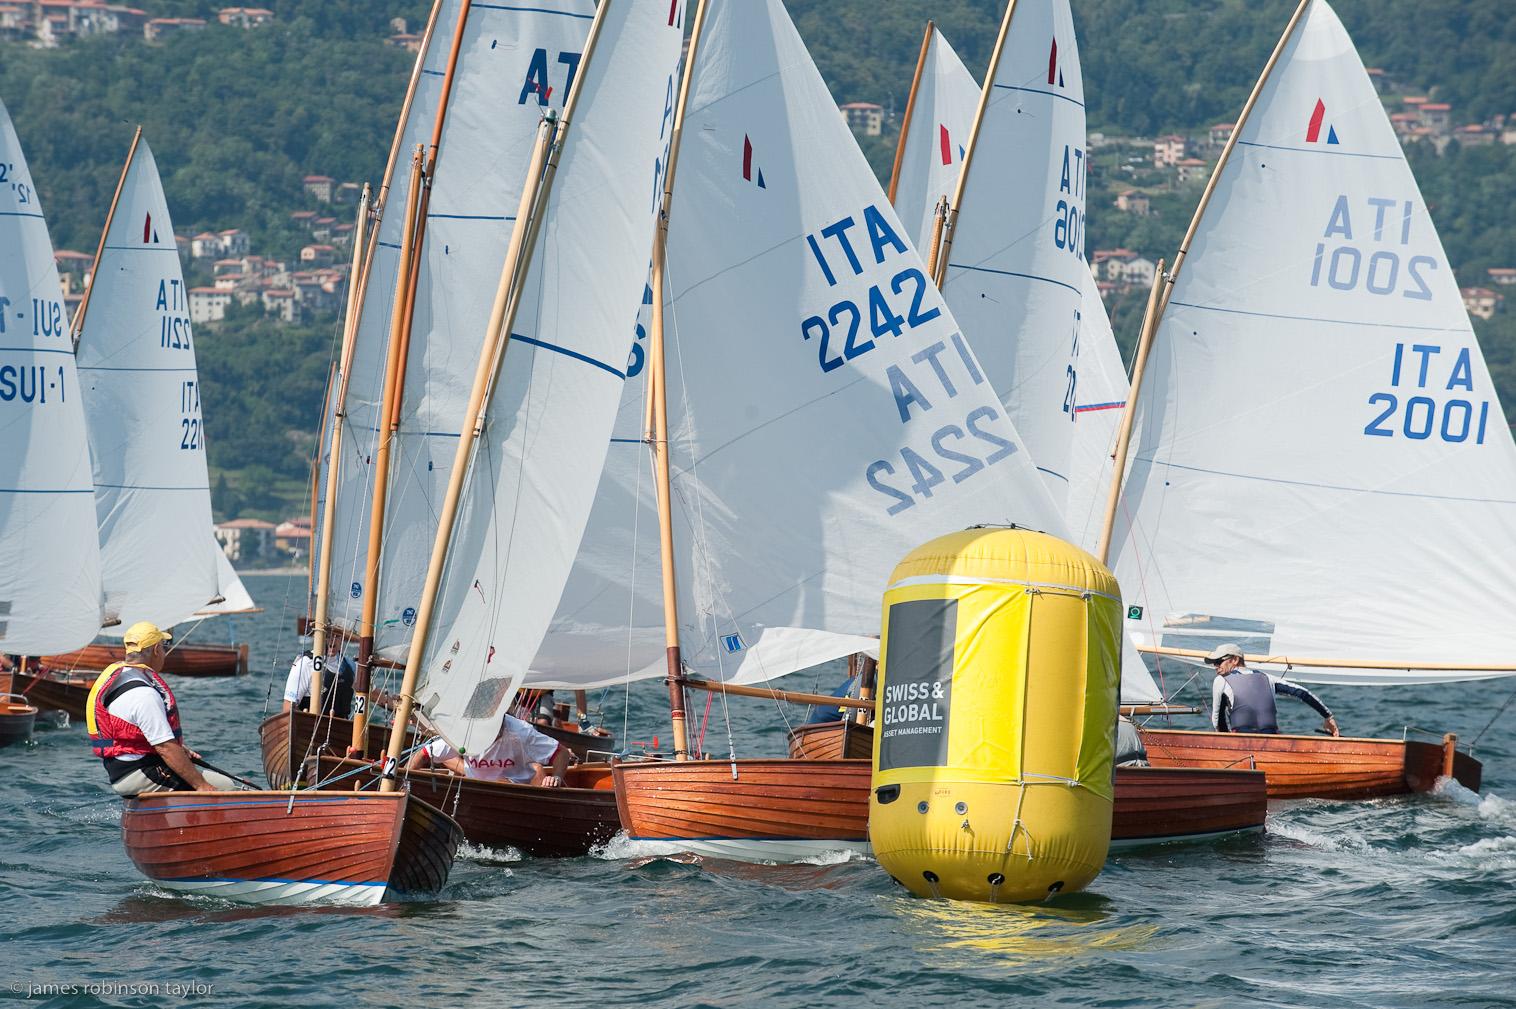 Arriva a Venezia la flotta dei Dinghy in legno per il 10° Trofeo Nazionale Dinghy 12' Classico Swiss & Global Cup